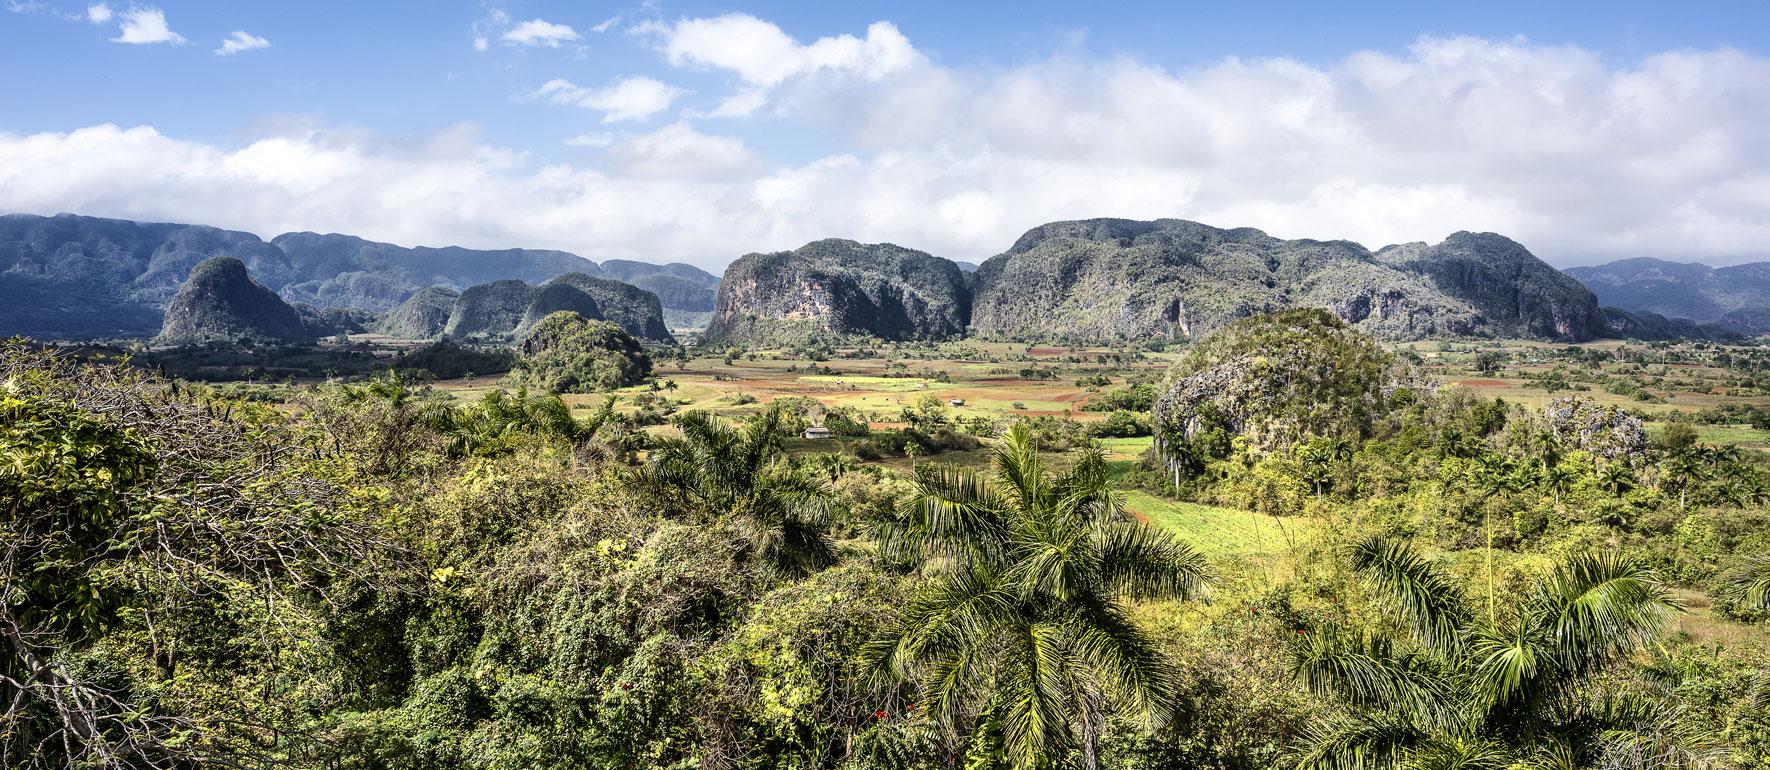 Valle de Vinales Kuba Reisetipp